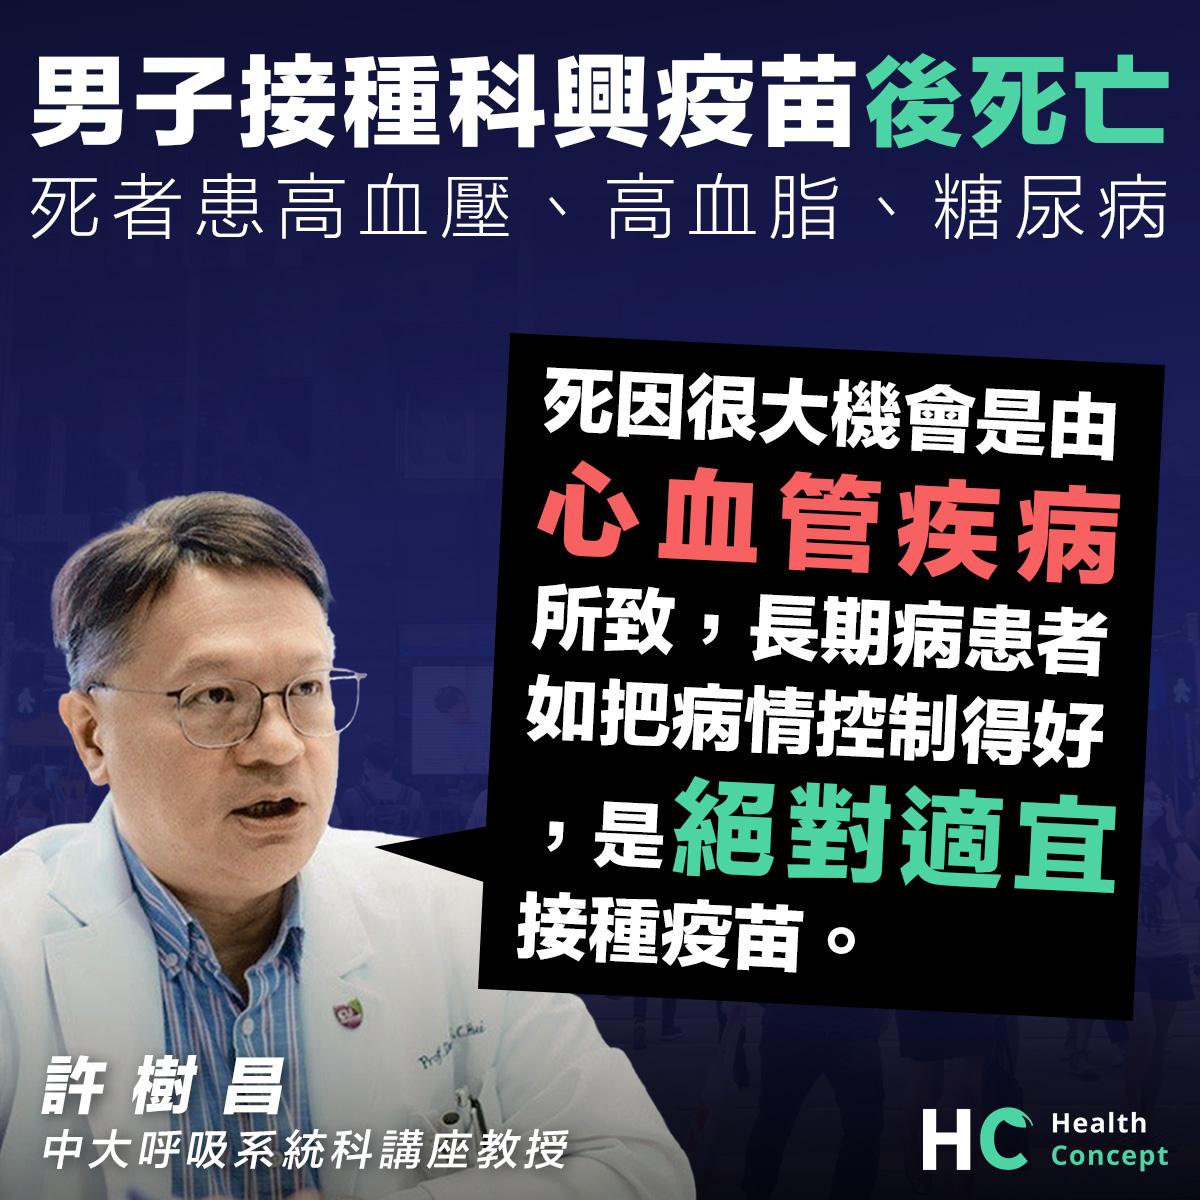 男子接種科興疫苗後死亡 許樹昌:大機會因心血管疾病